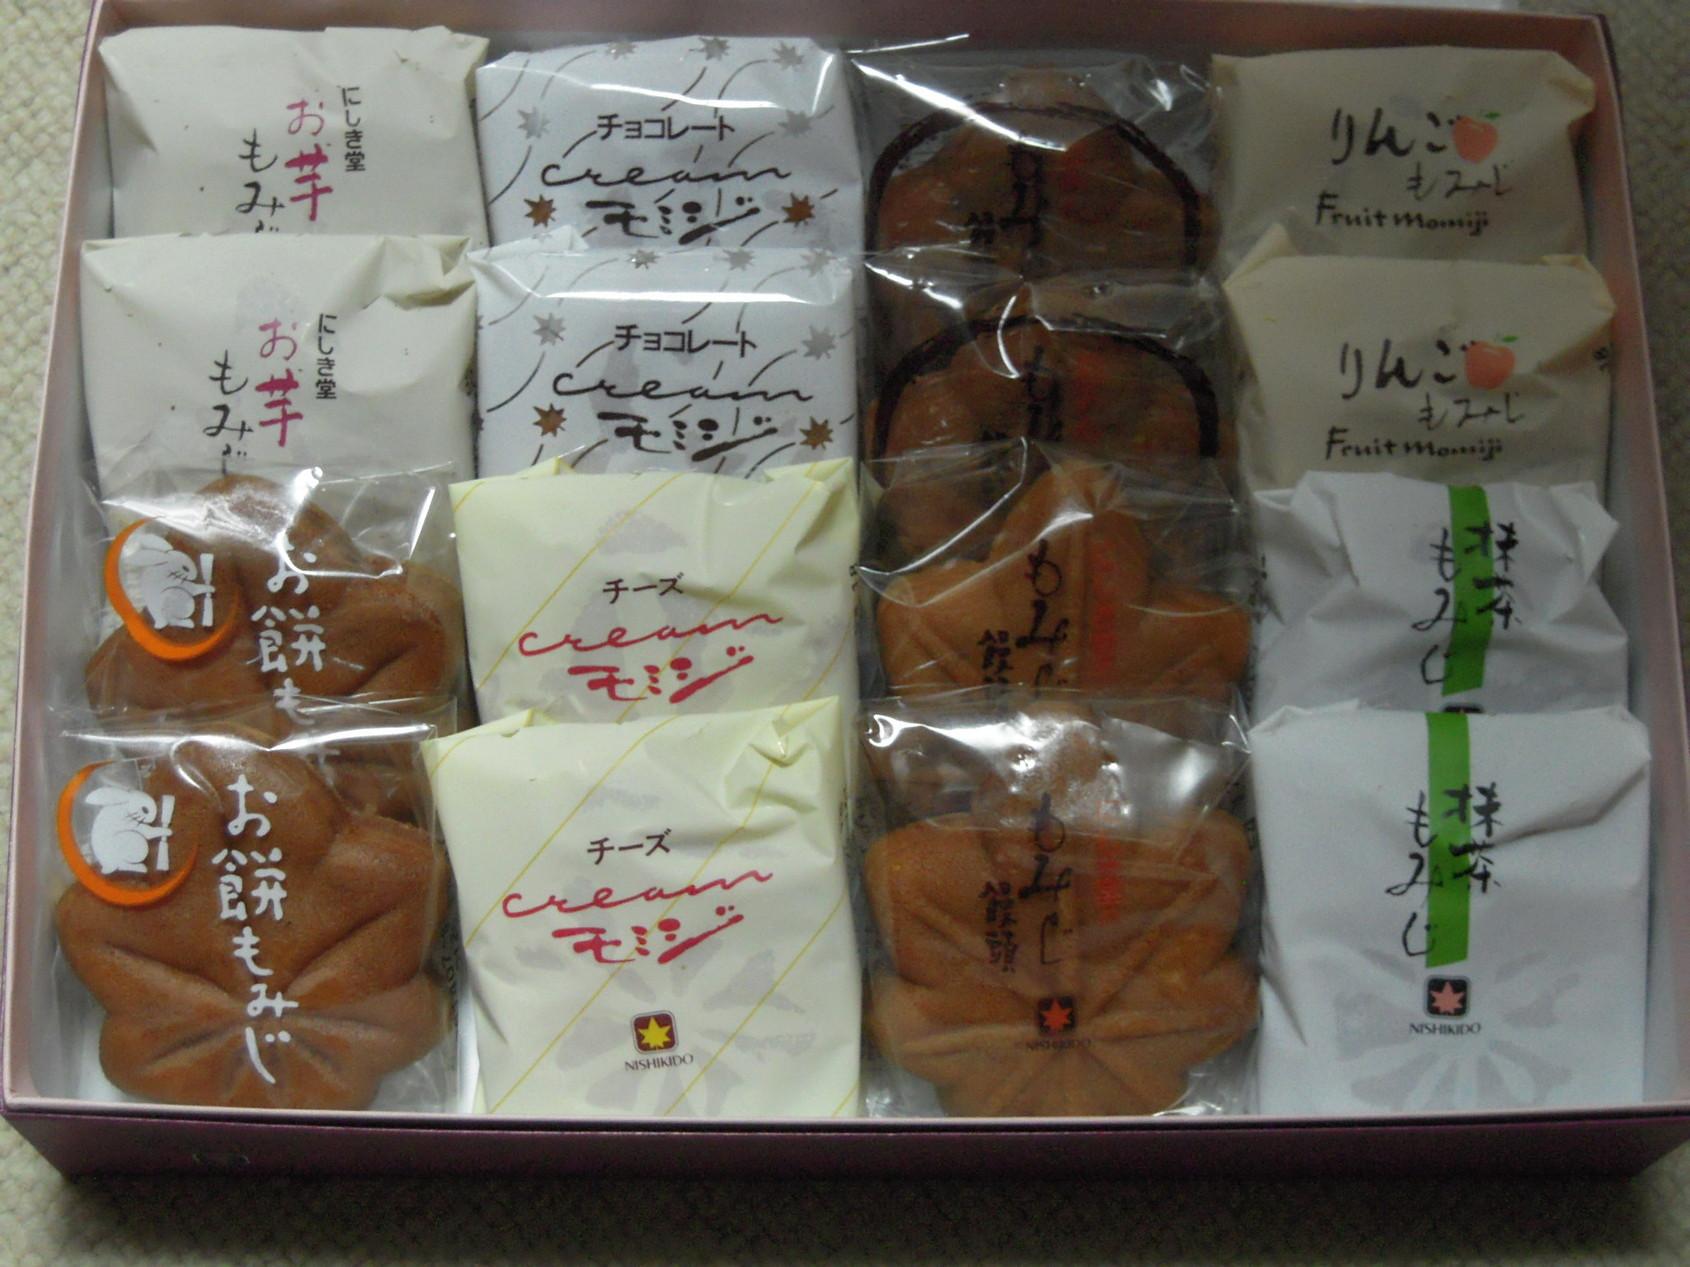 にしき堂 福山駅店